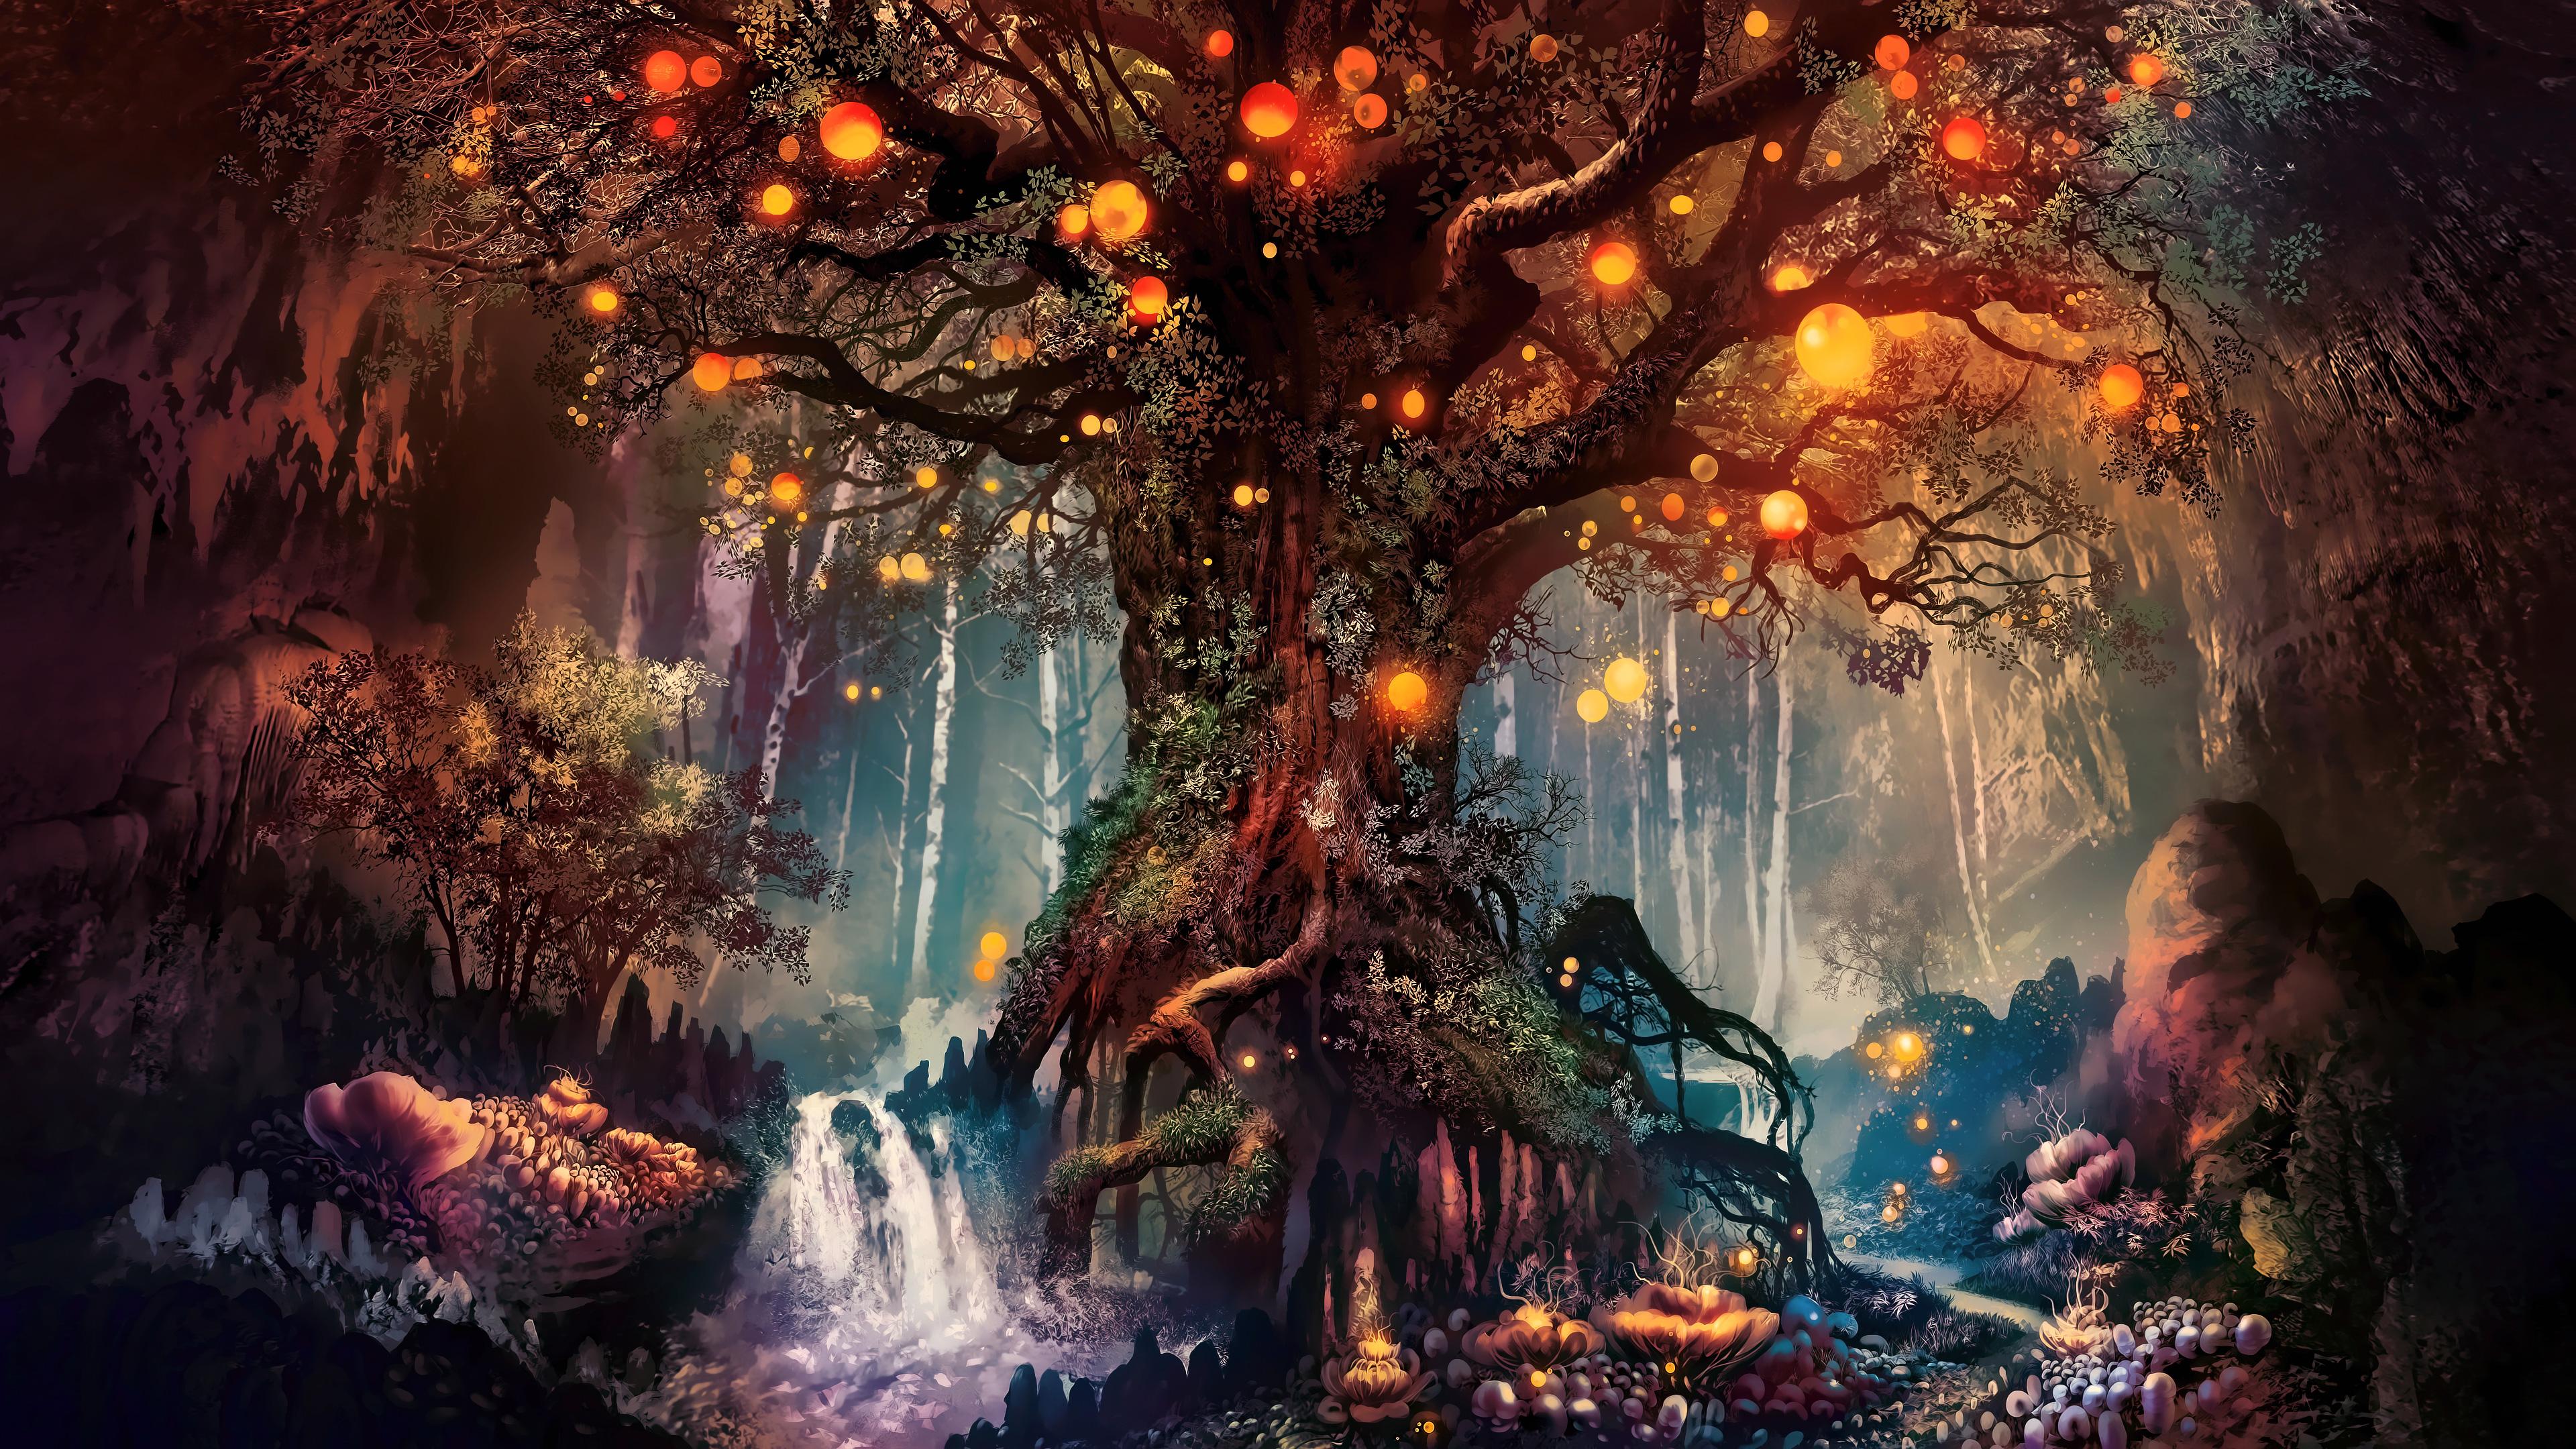 Forest Fantasy Artwork 4k Hd Artist 4k Wallpapers Images